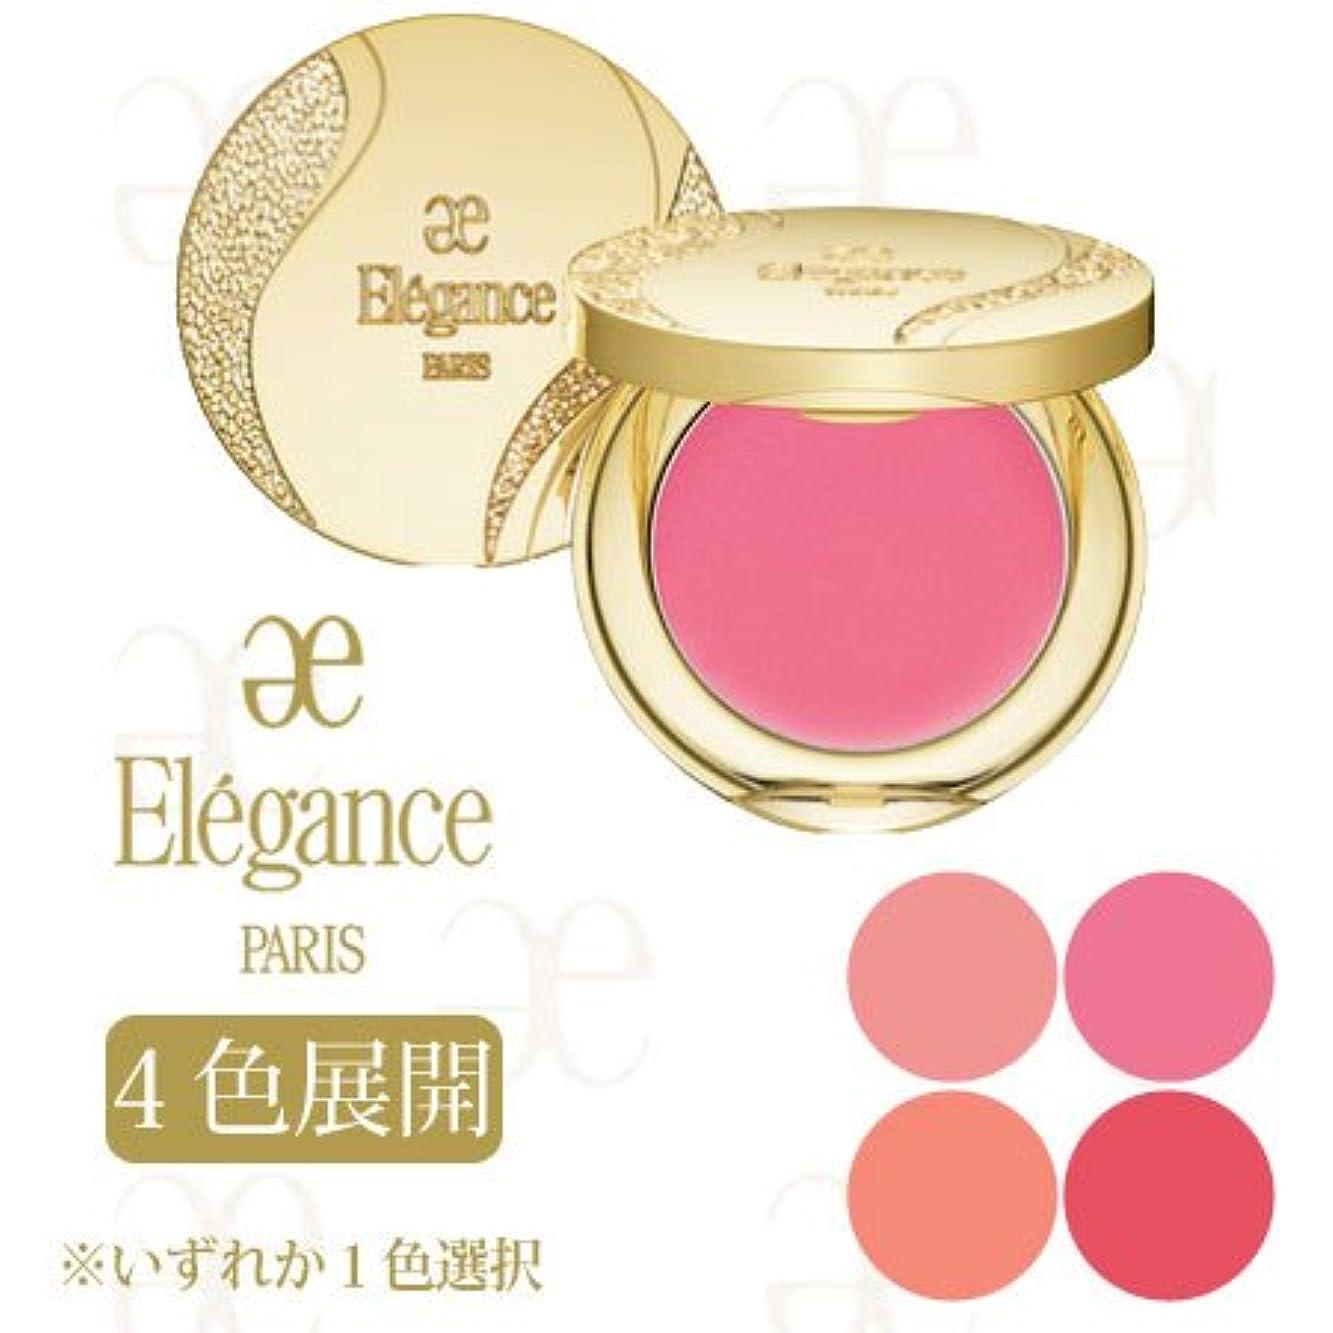 電卓第三スポークスマンエレガンス スリーク フェイス N (クリームチーク) 全4色展開 -ELEGANCE- RD301